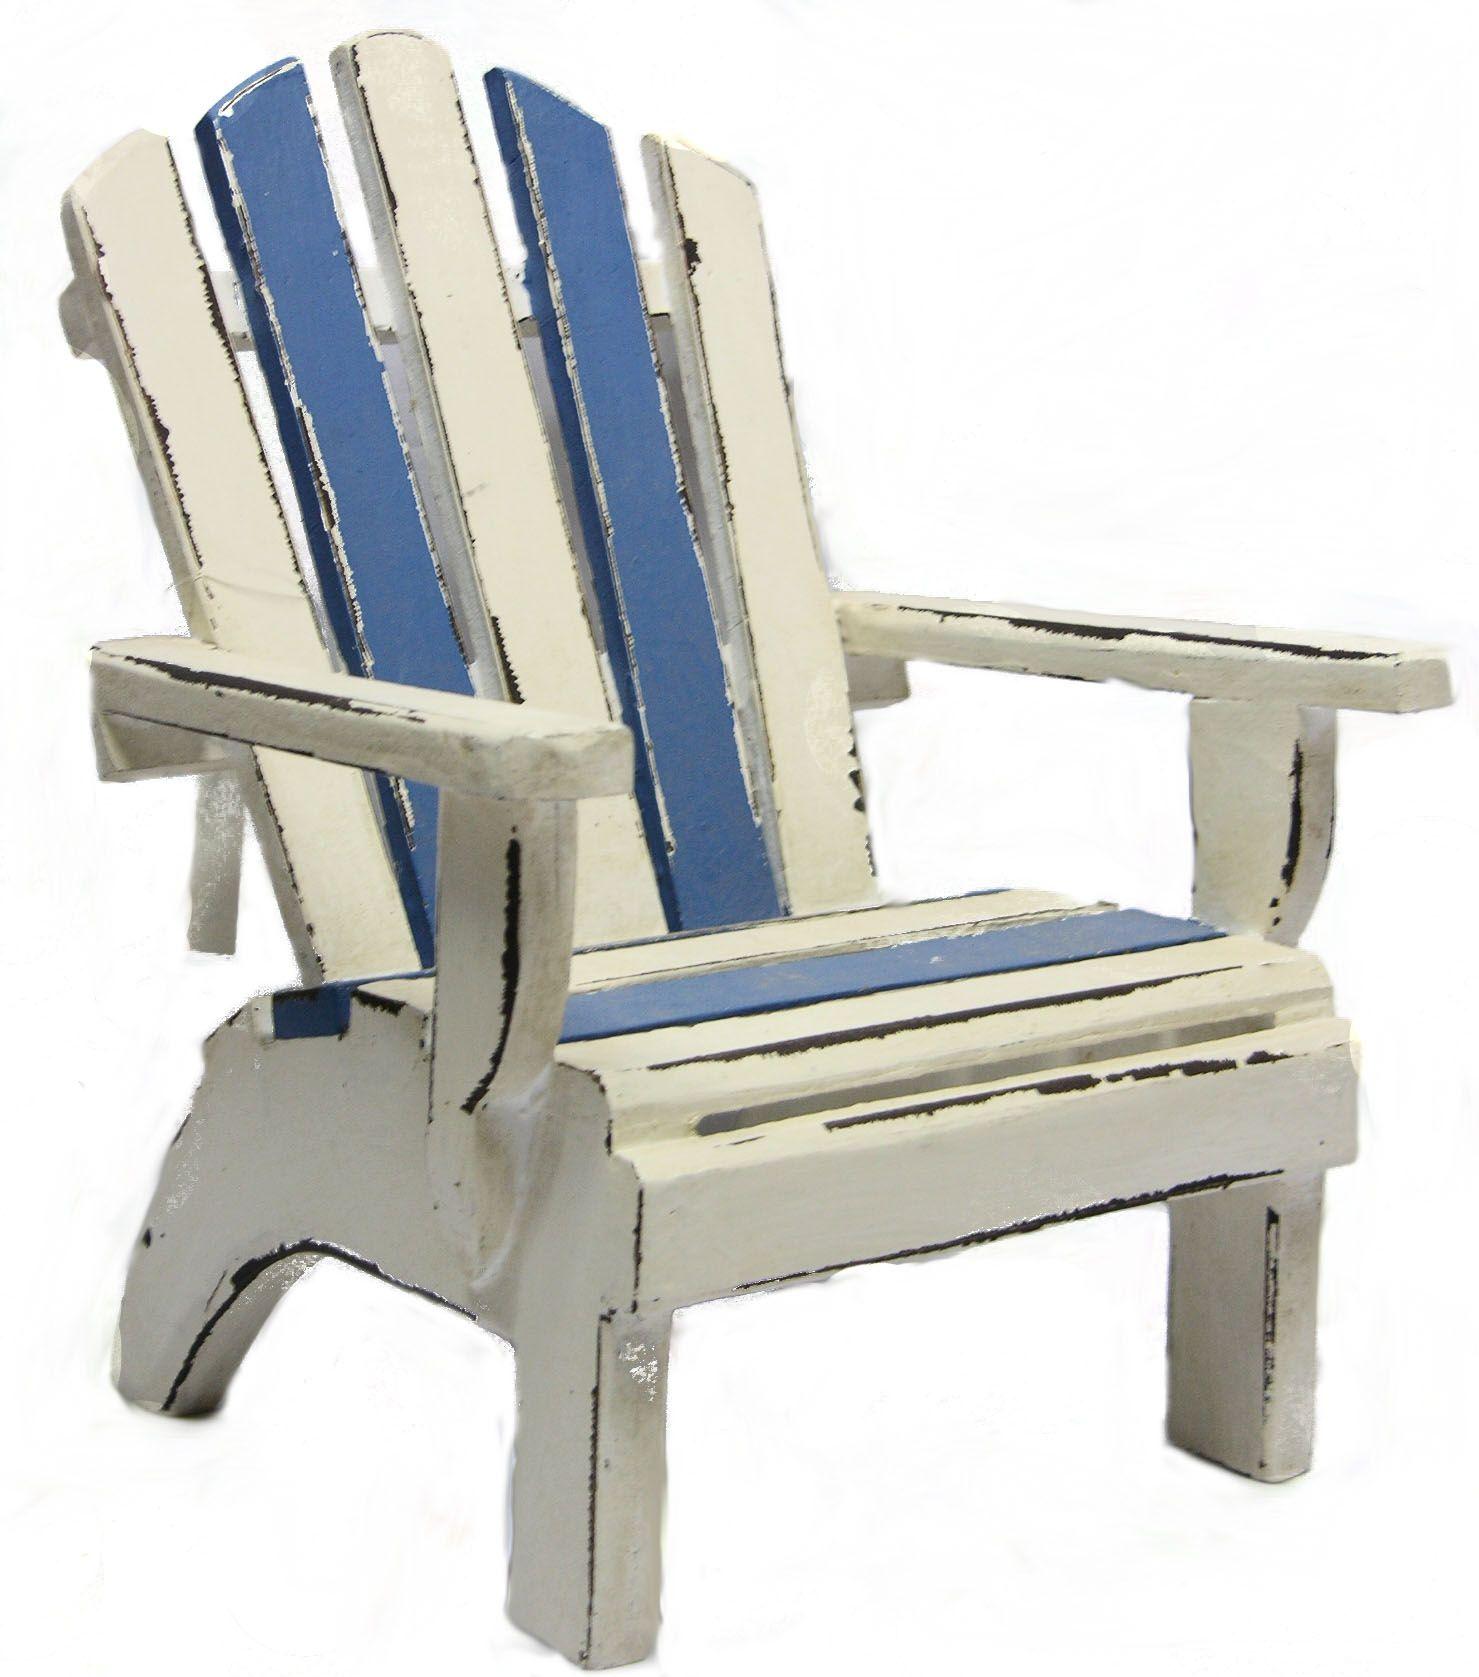 wood beach lounge chair blue/white, #beachdecor, #tropicaldecor